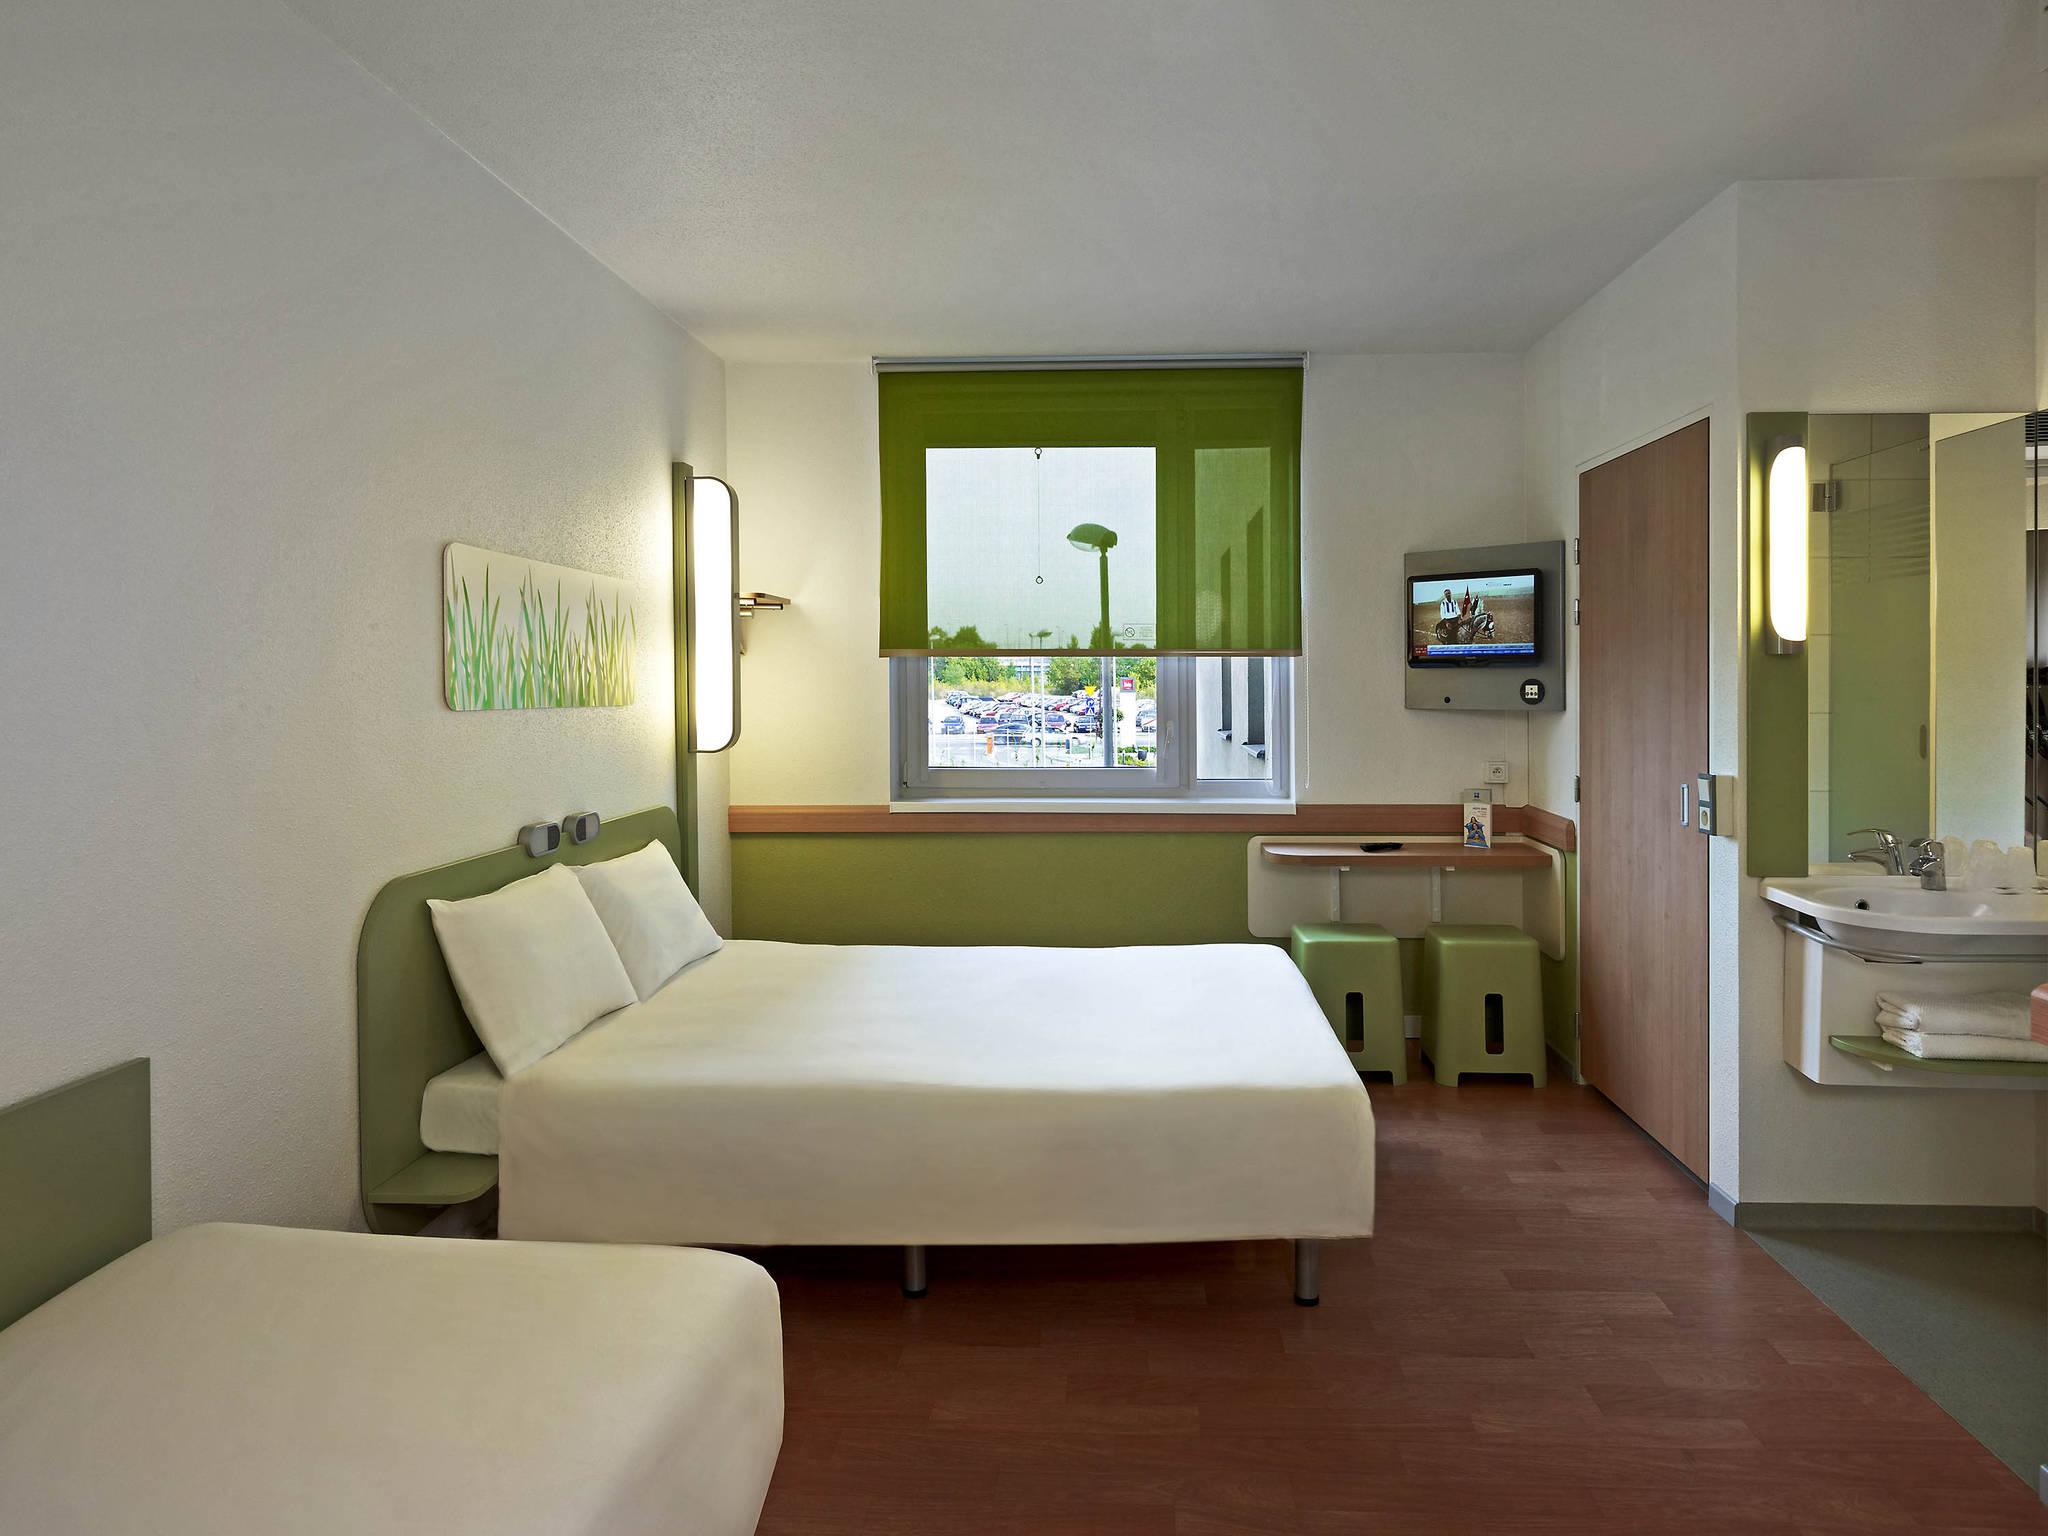 Ibis budget douche dans la chambre htel ibis budget site for Ibis budget douche dans la chambre